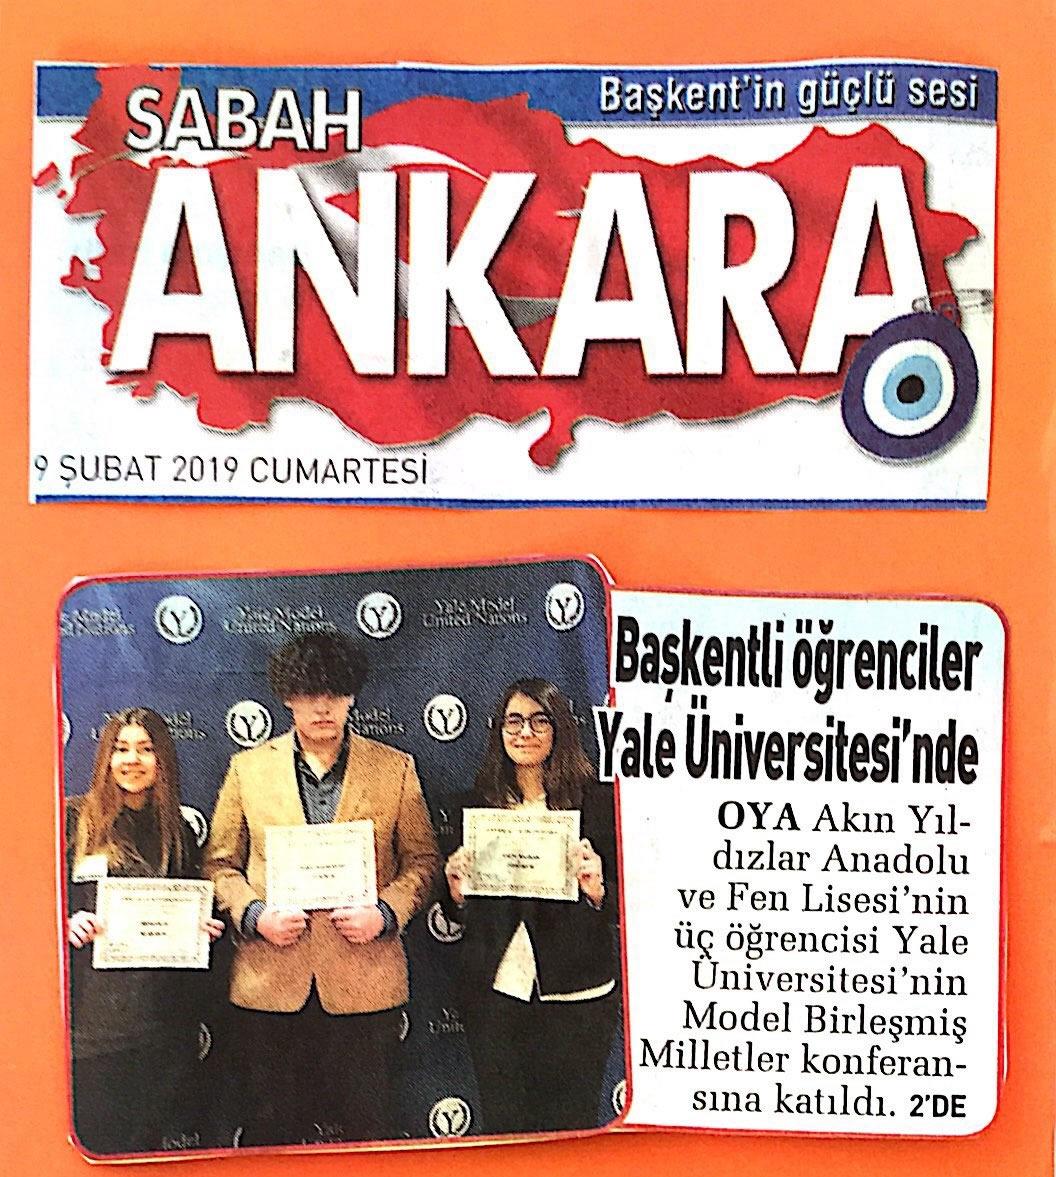 Yıldızlar Anadolu Ve Fen Lisesi Öğrencilerimiz Yale Üniversitesi'nde , haberi Sabah Ankara Eki'nde...